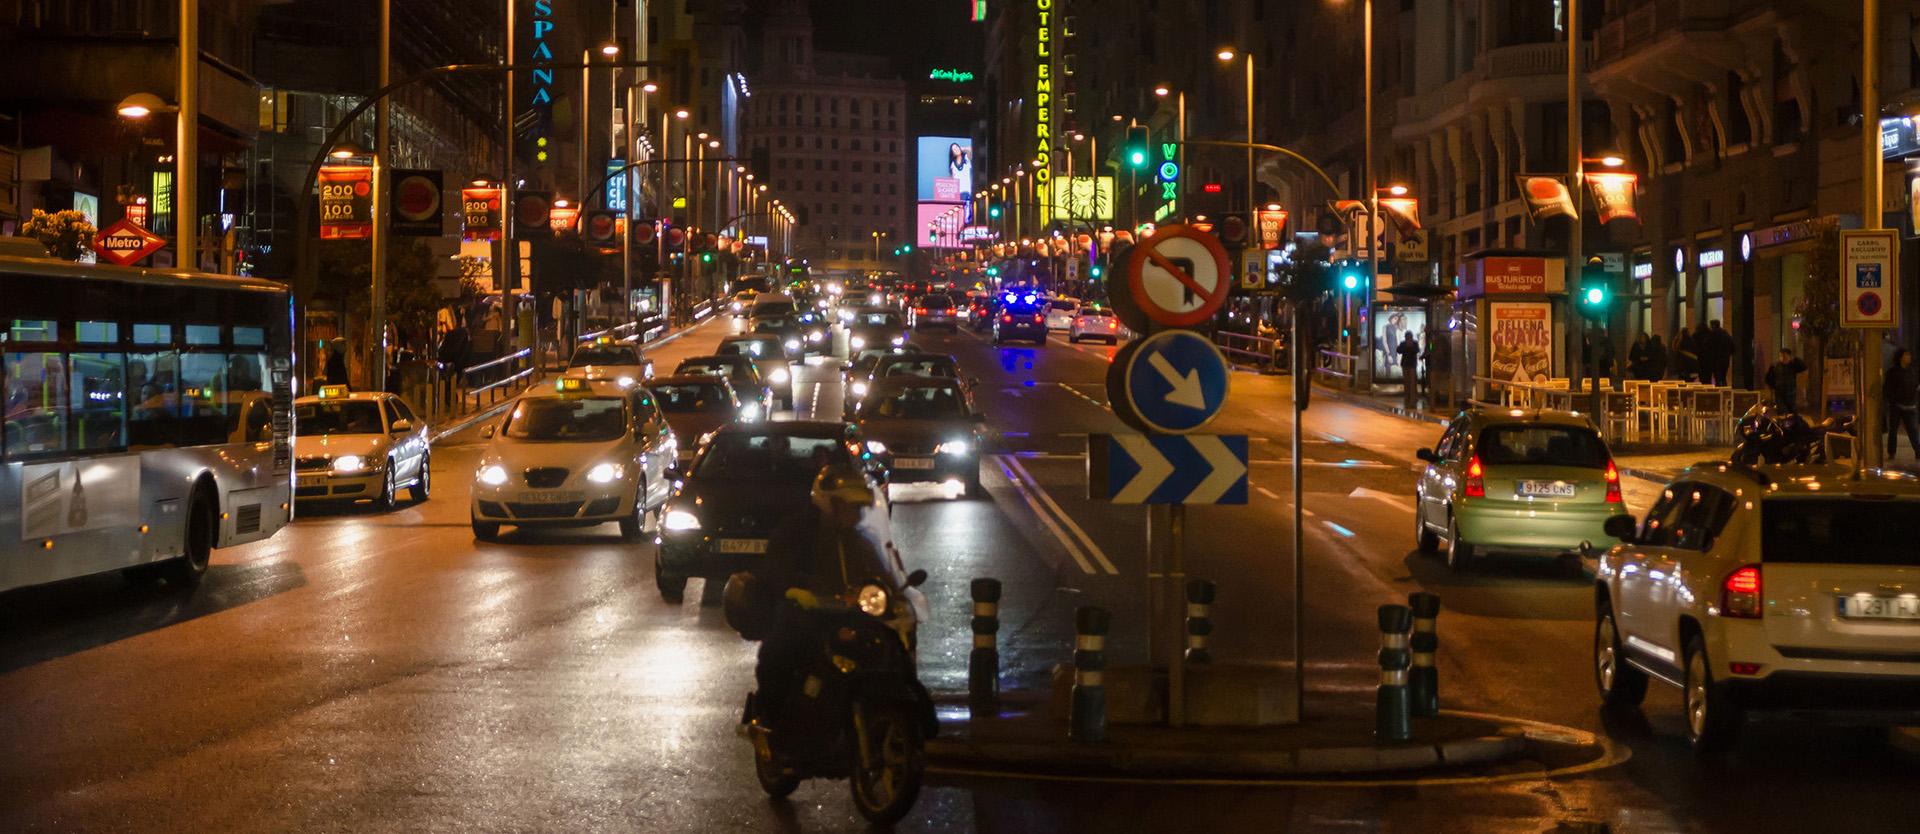 Trafikregler Spanien